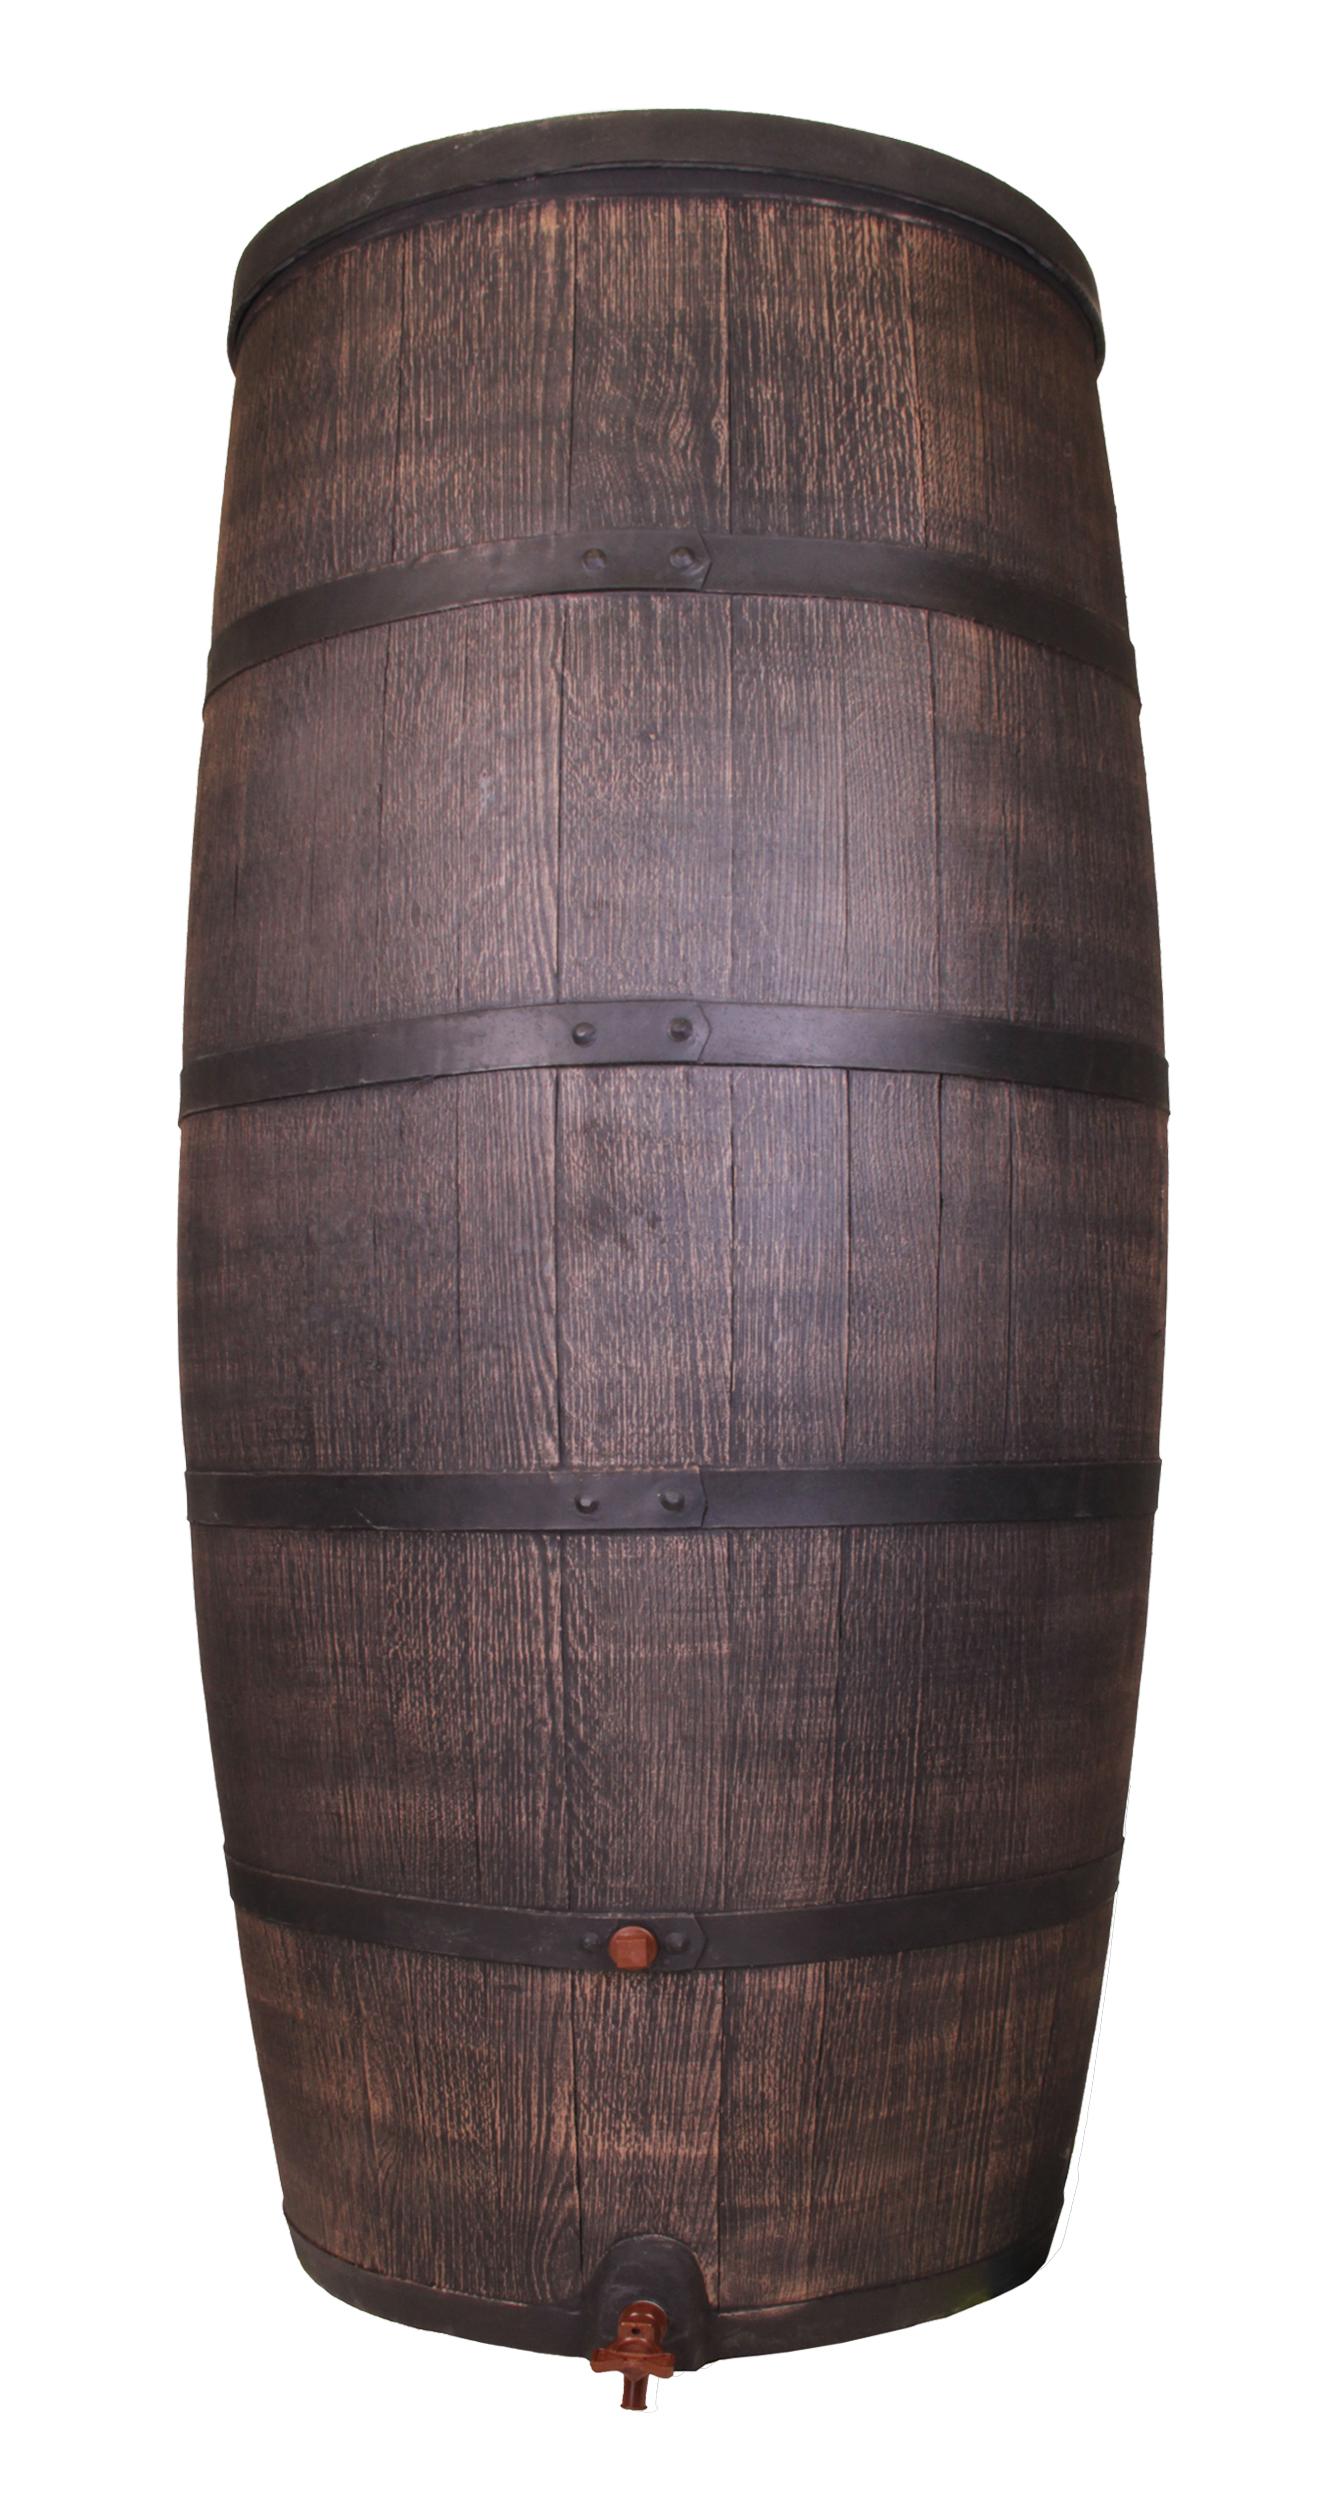 regentonne wasserbeh lter regenwasser fass eichenfass optik 500 liter mit deckel ebay. Black Bedroom Furniture Sets. Home Design Ideas